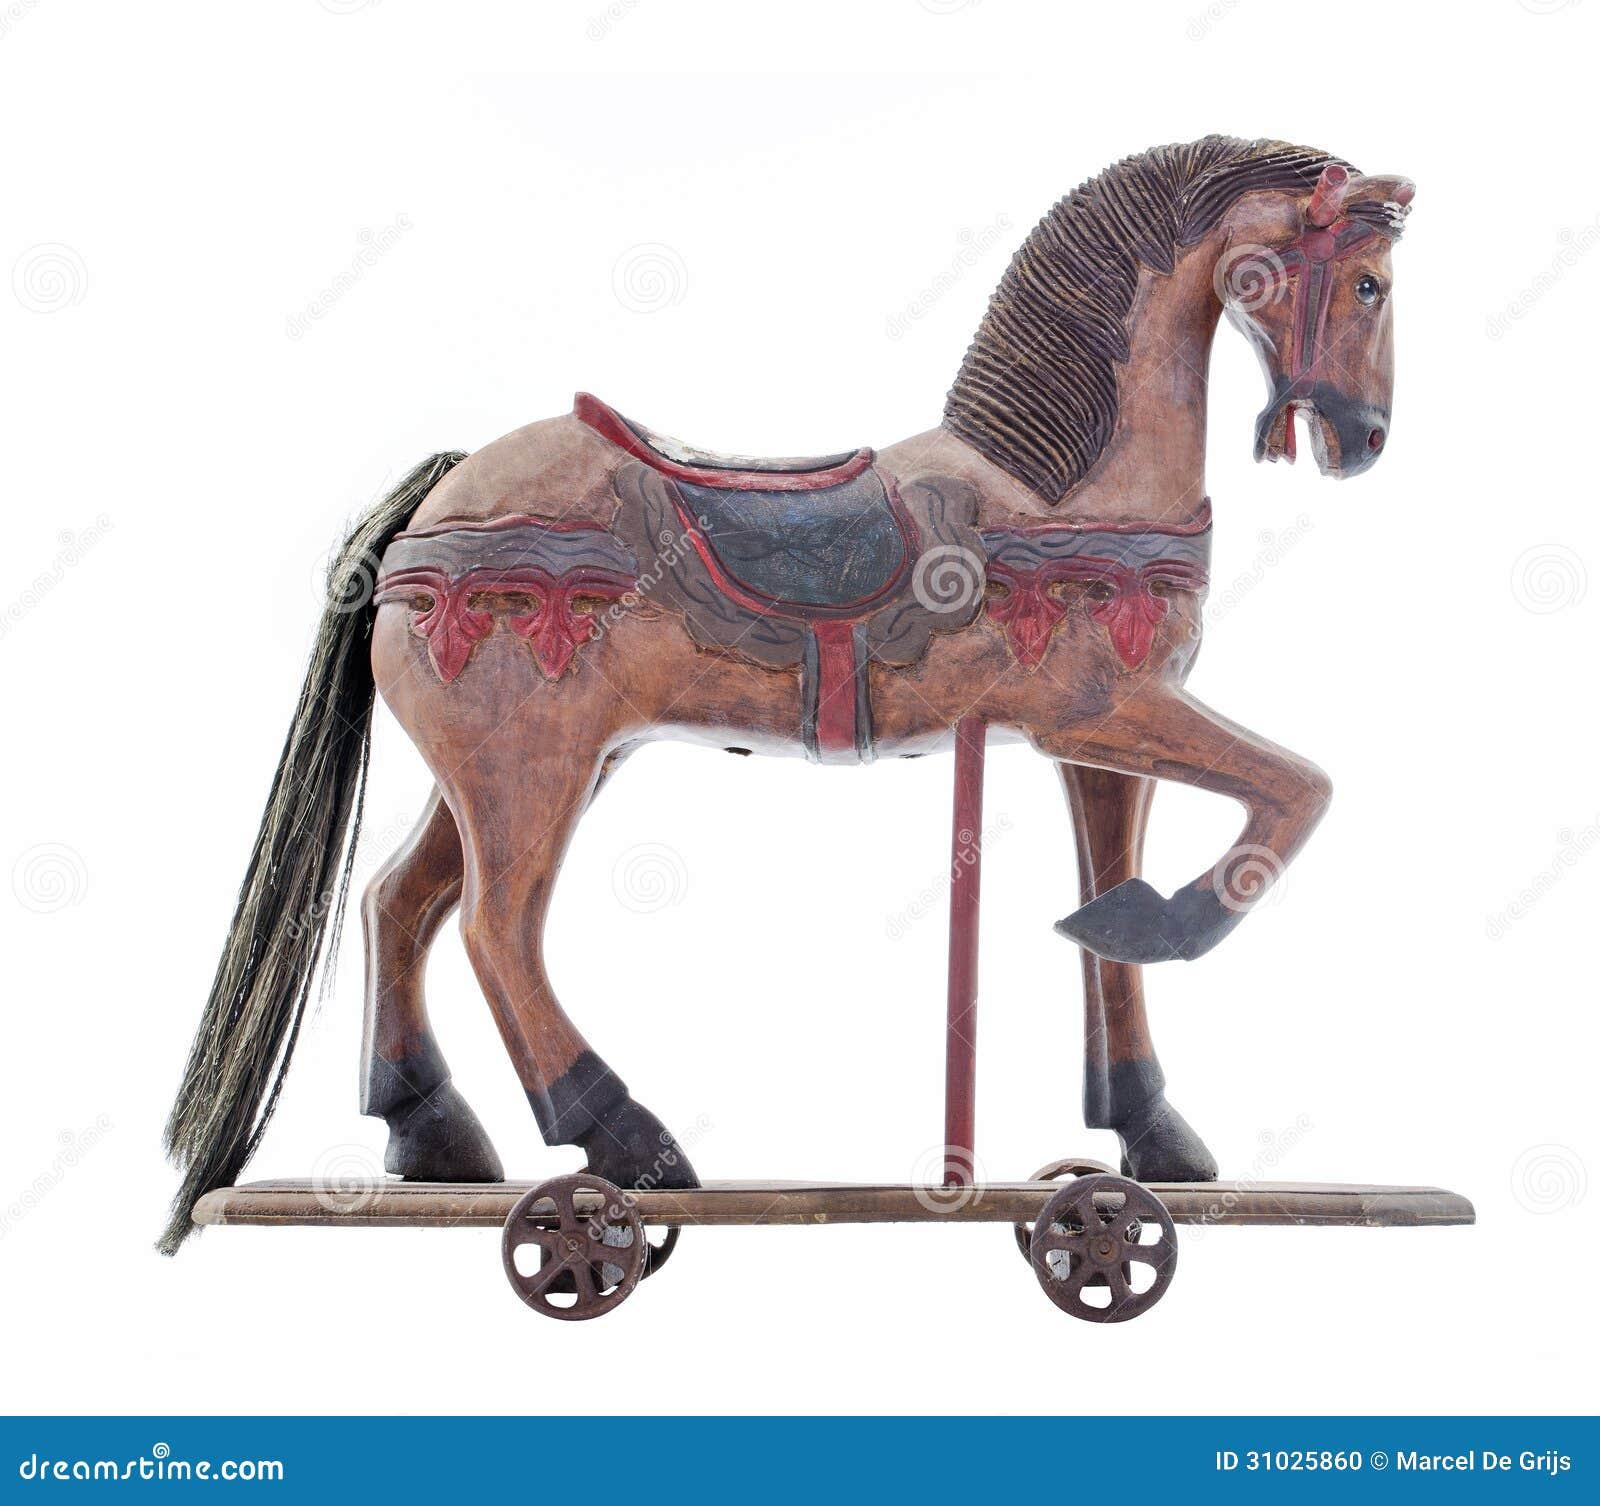 Cavallo Di Legno Giocattolo.Vecchio Cavallo Di Legno Del Giocattolo Fotografia Stock Immagine